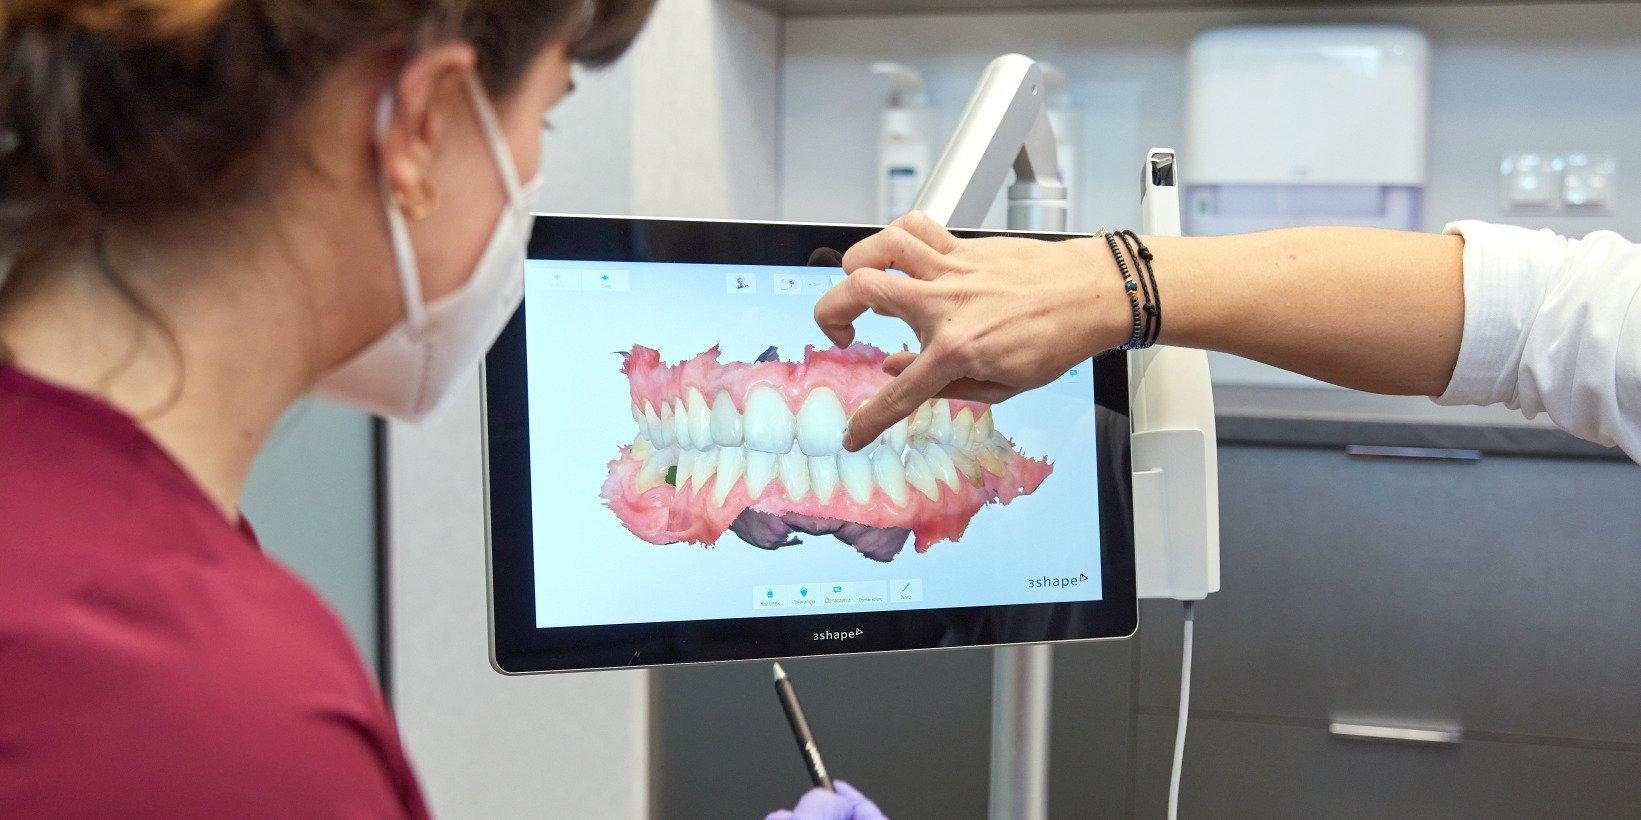 Planujesz leczenie zębów? Dowiedz się, czym jest Complete Smile Check. To może wiele ułatwić